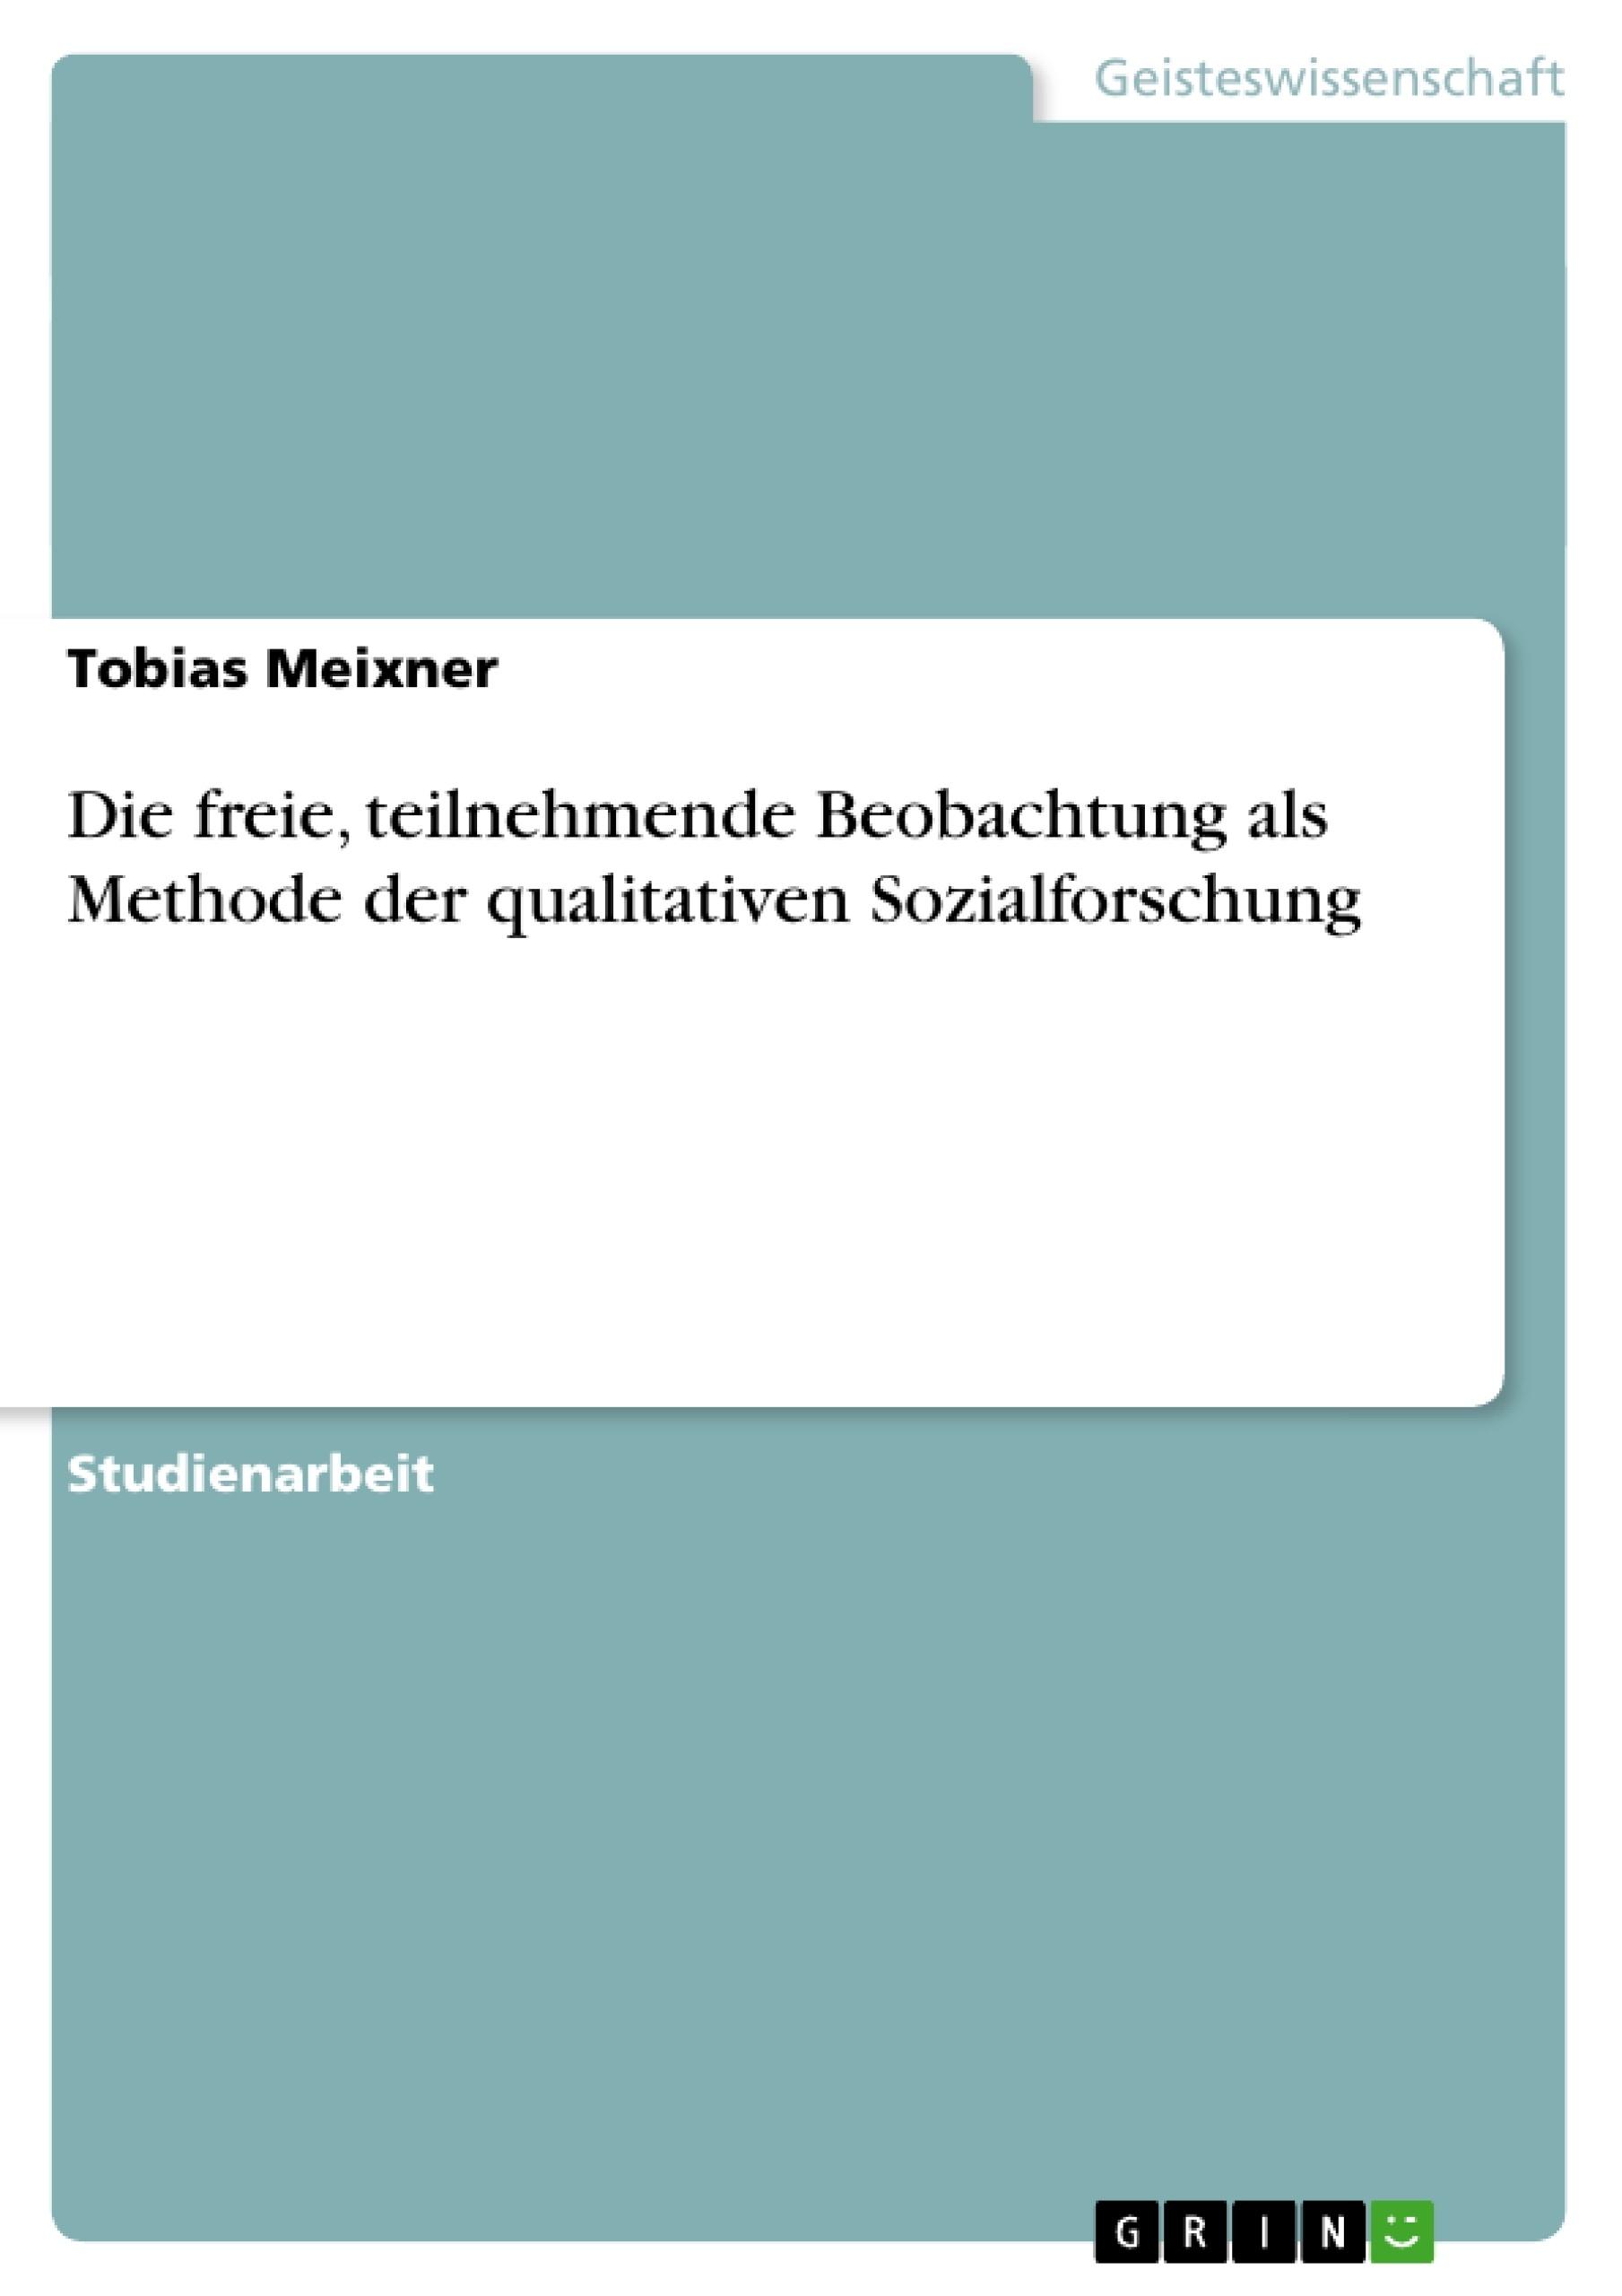 Titel: Die freie, teilnehmende Beobachtung als Methode der qualitativen Sozialforschung